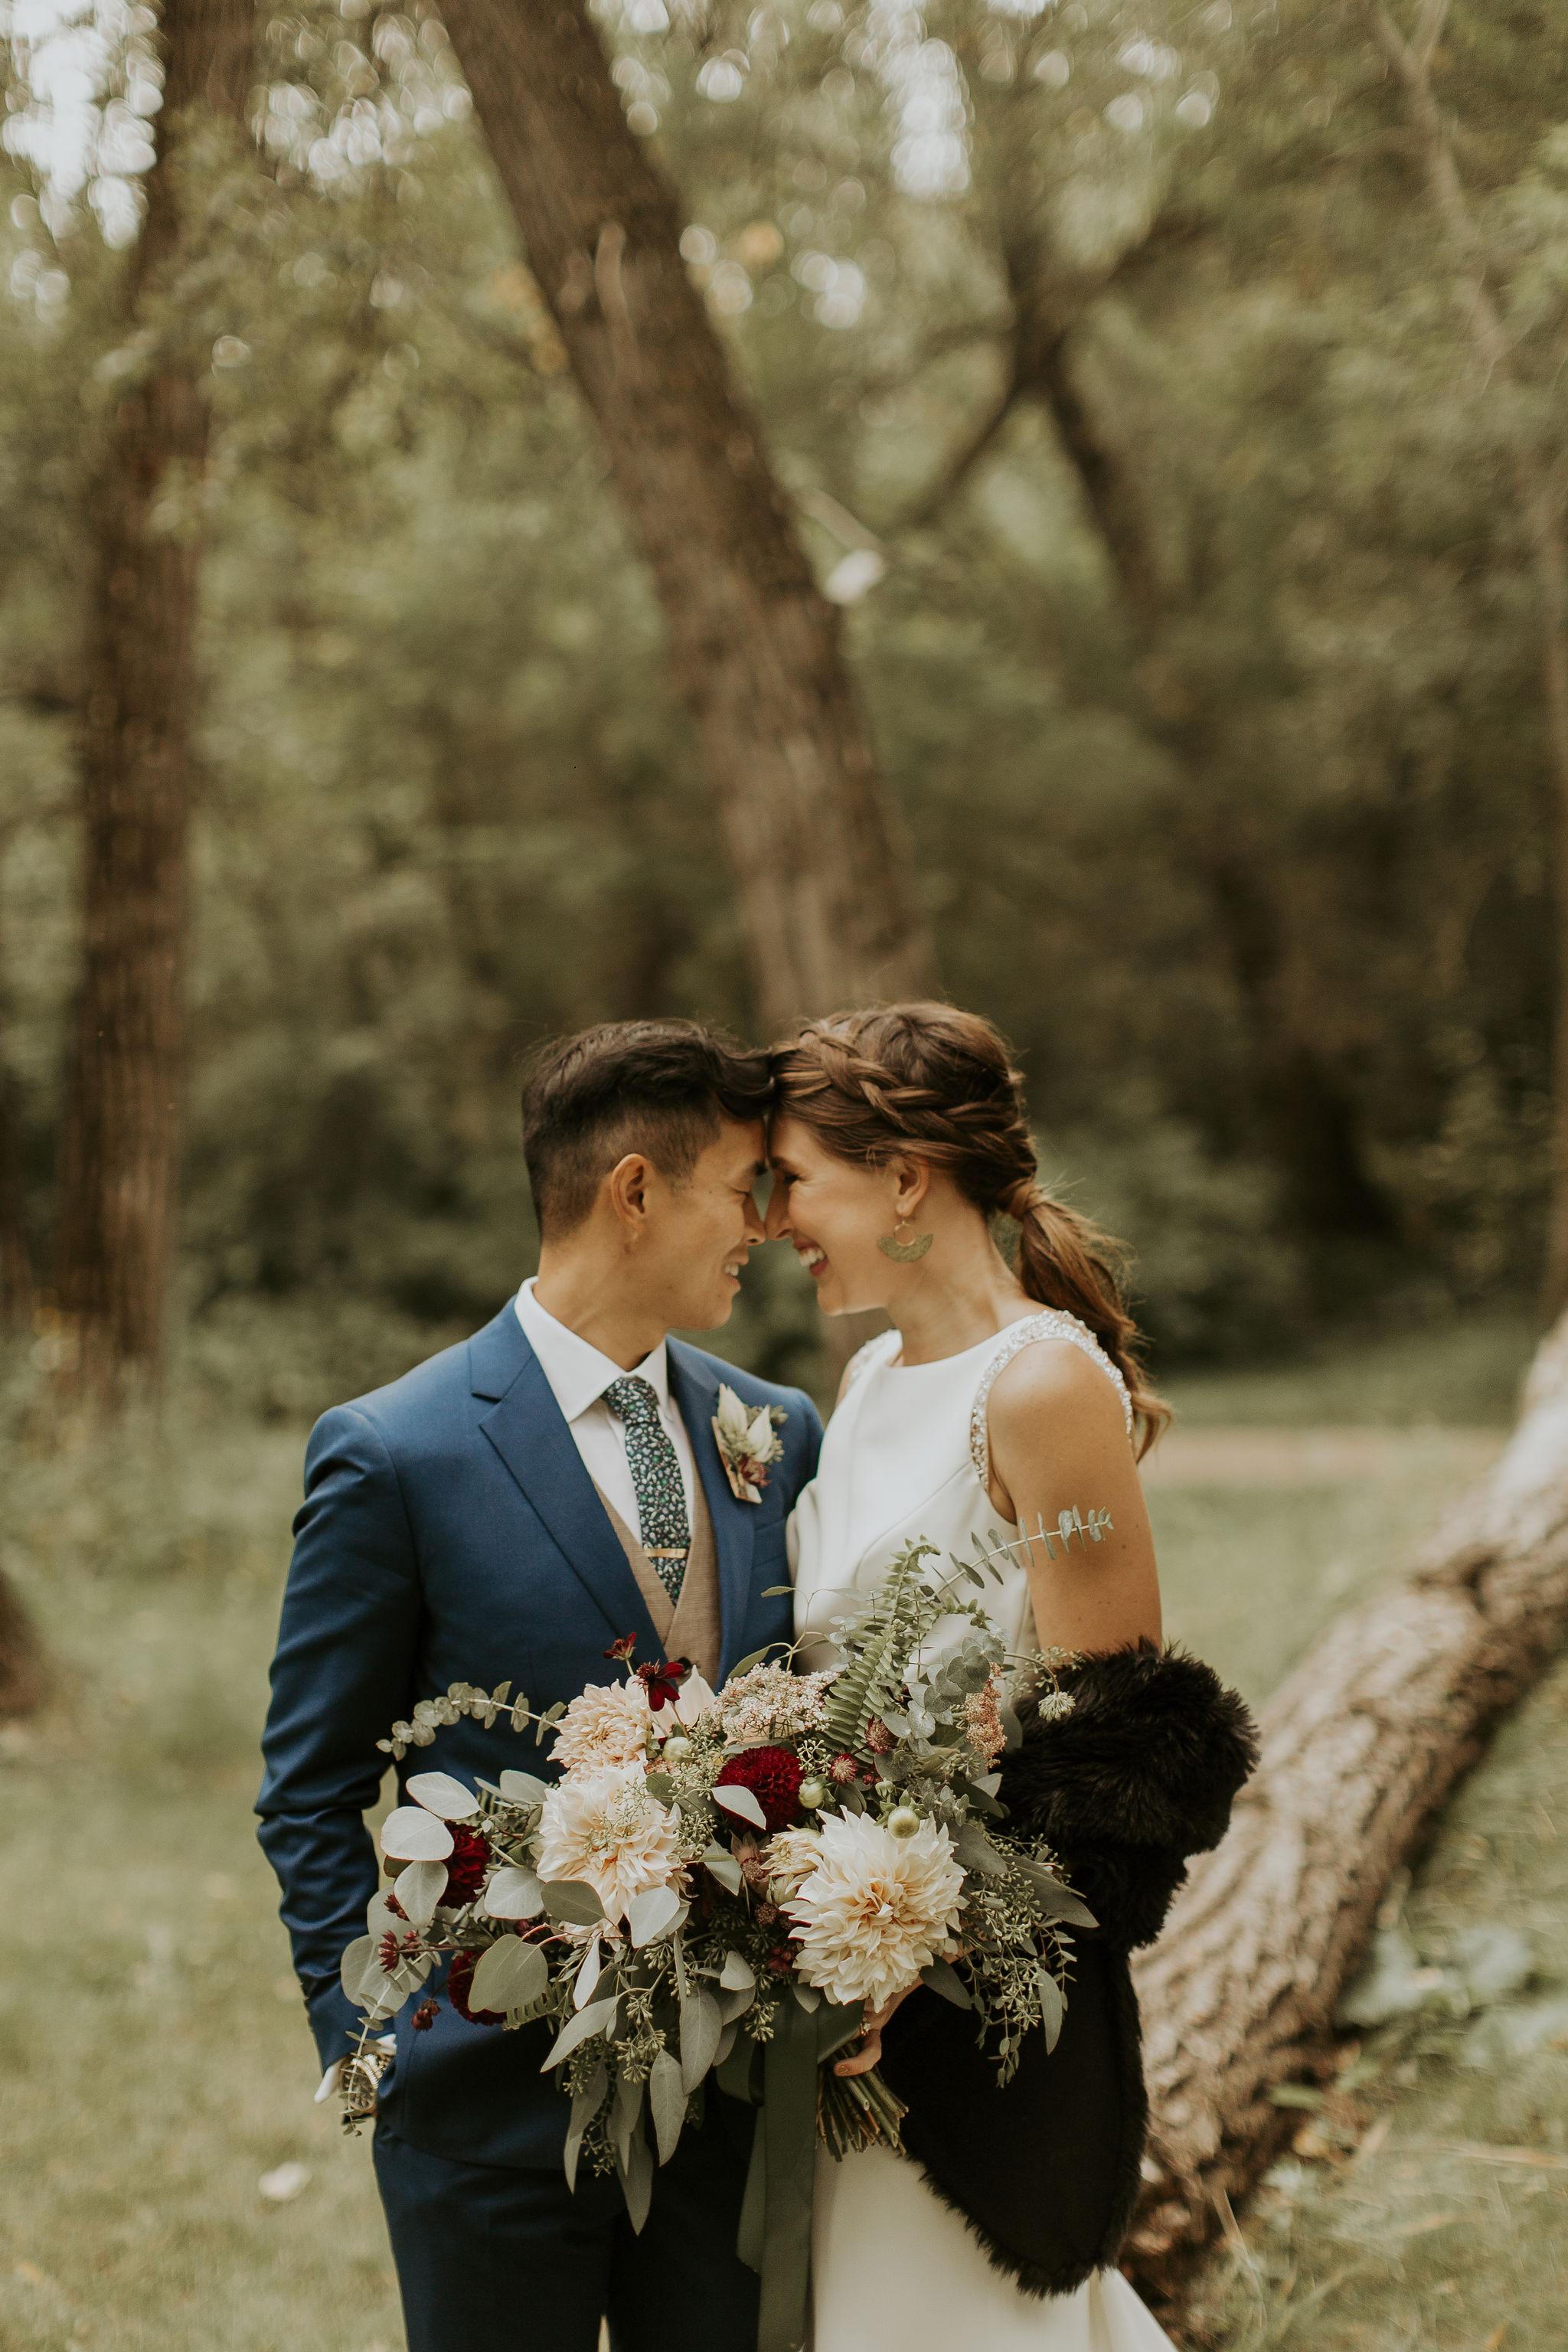 AK_Wedding_CouplePortraits-7.jpg